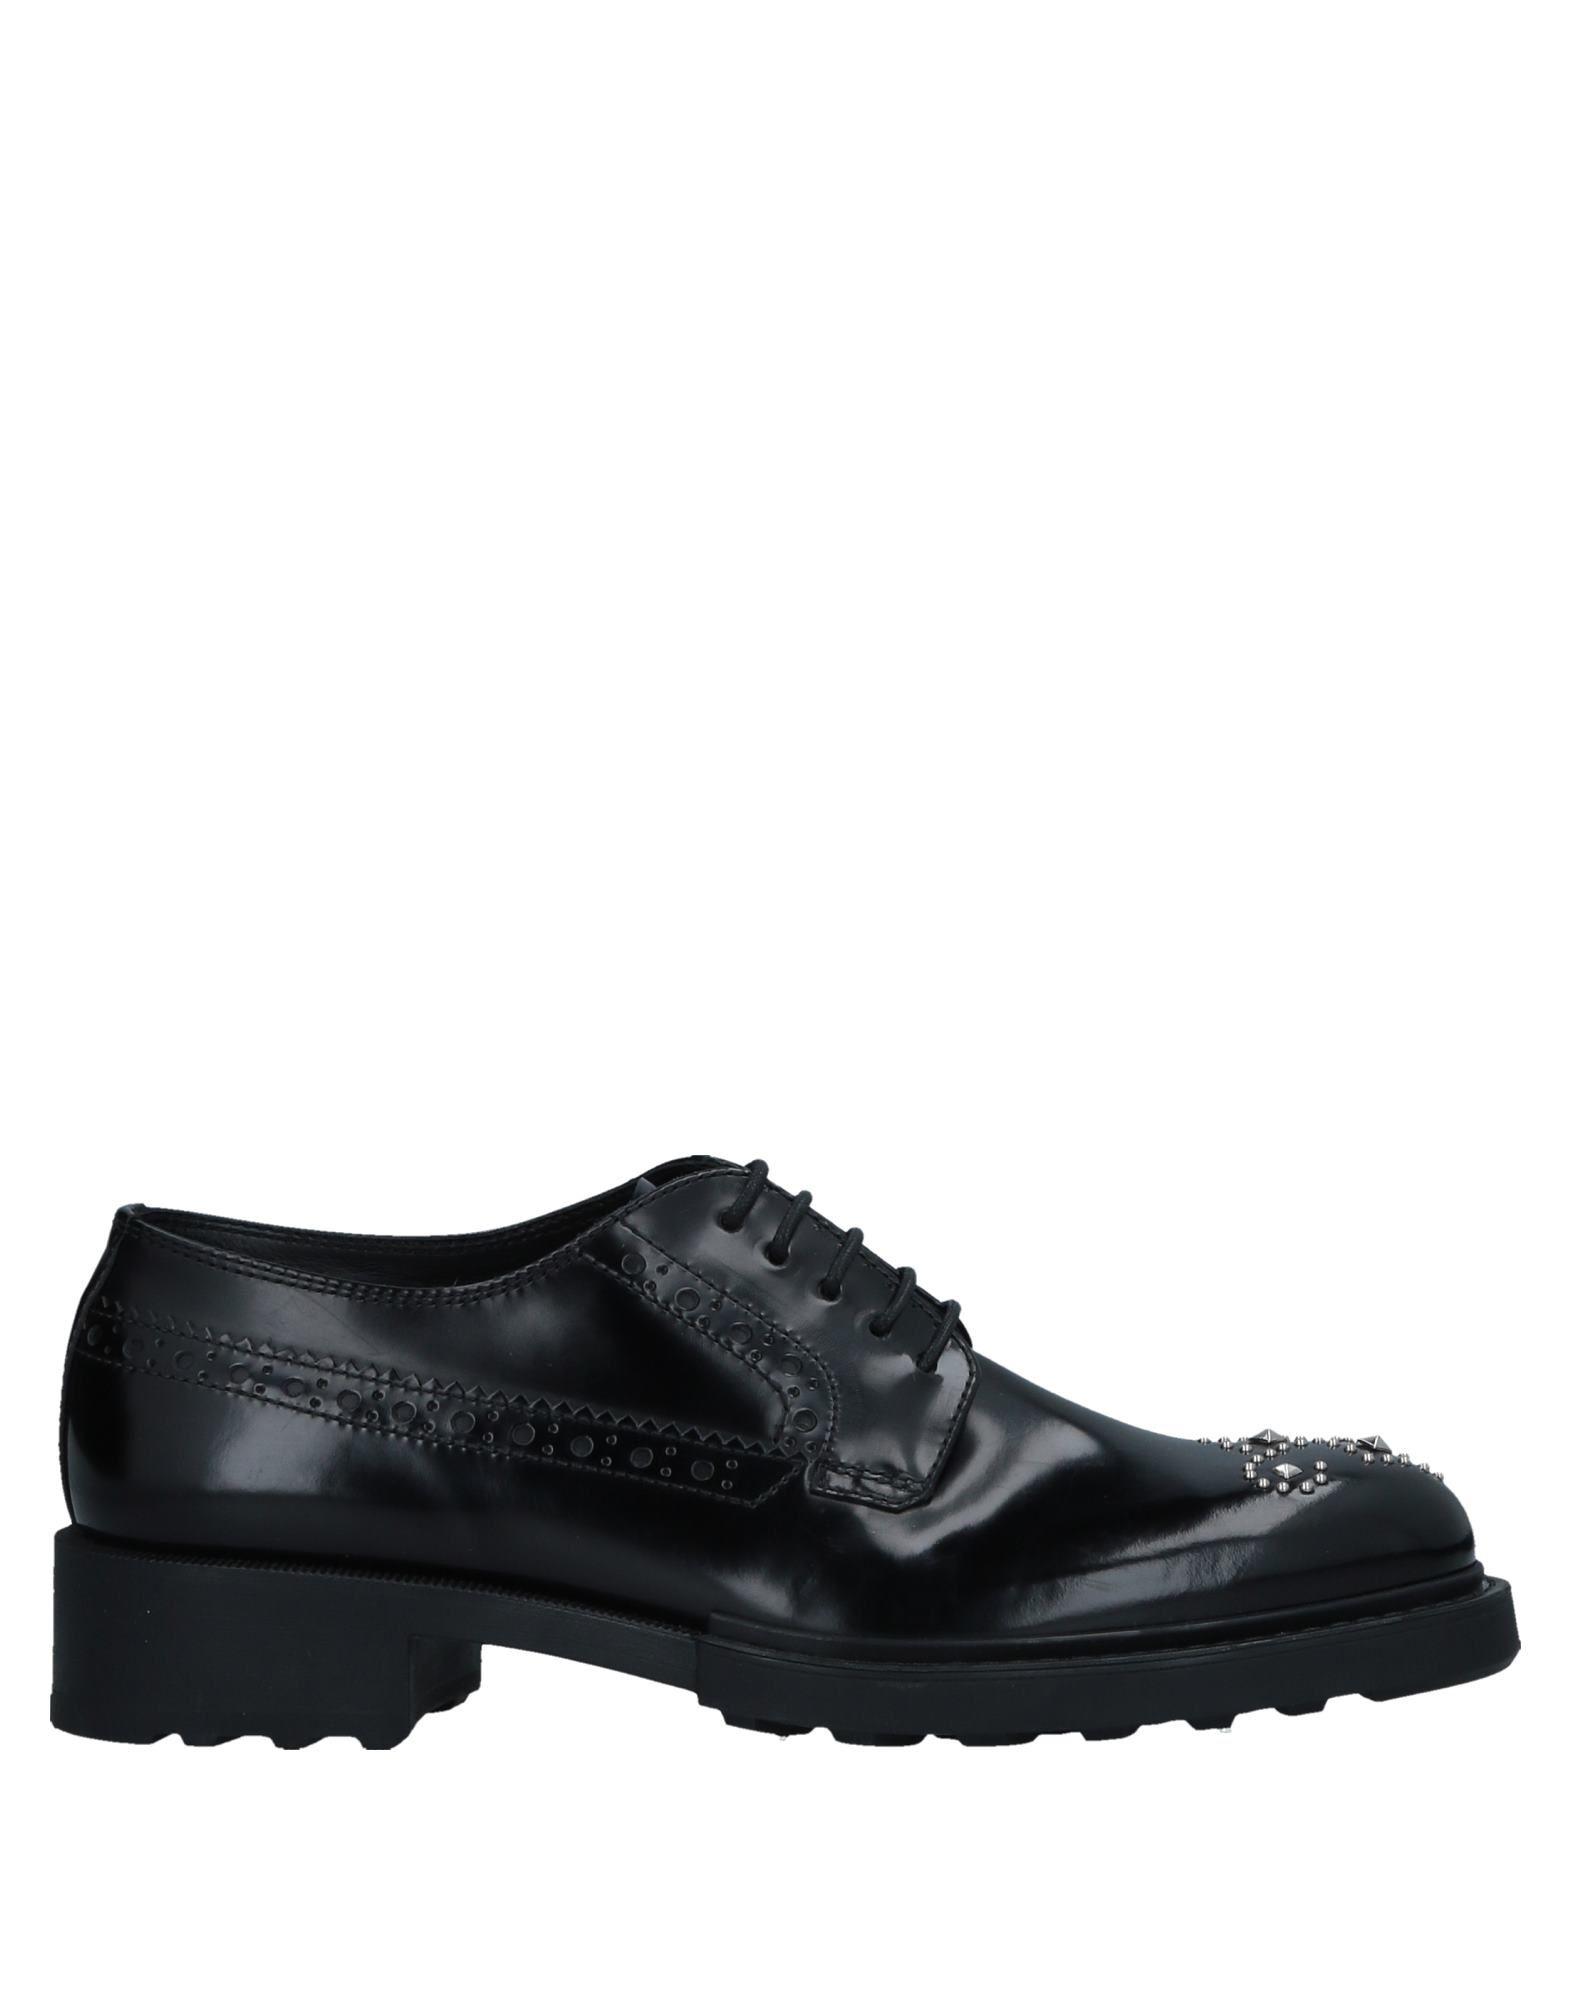 Sneakers Eytys Uomo - 11493472ID Scarpe economiche e buone